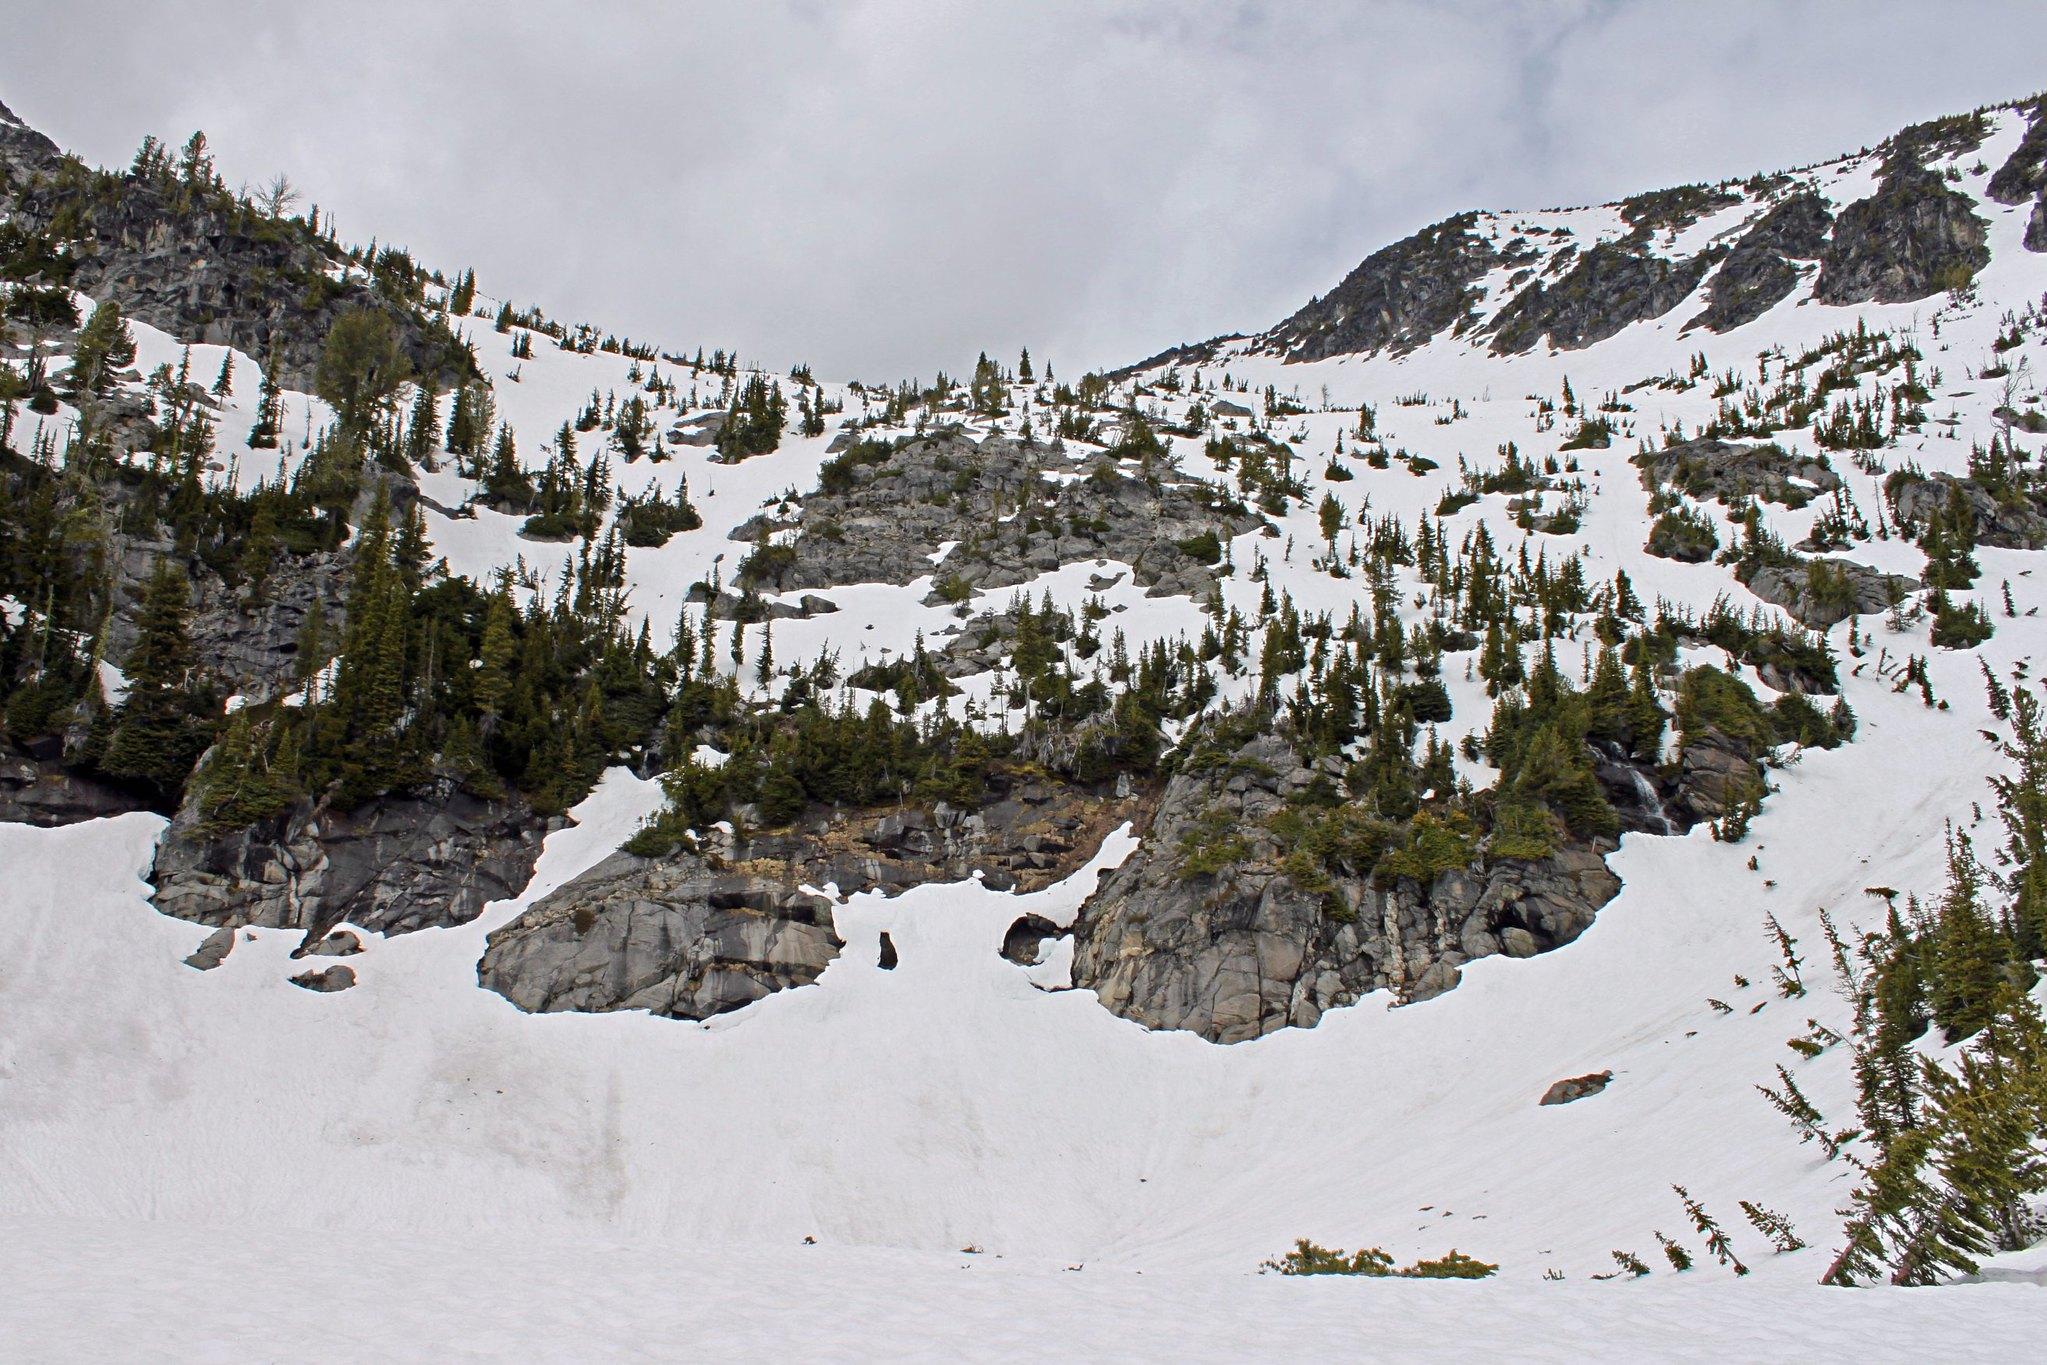 6400' basin below Eightmile Mountain summit